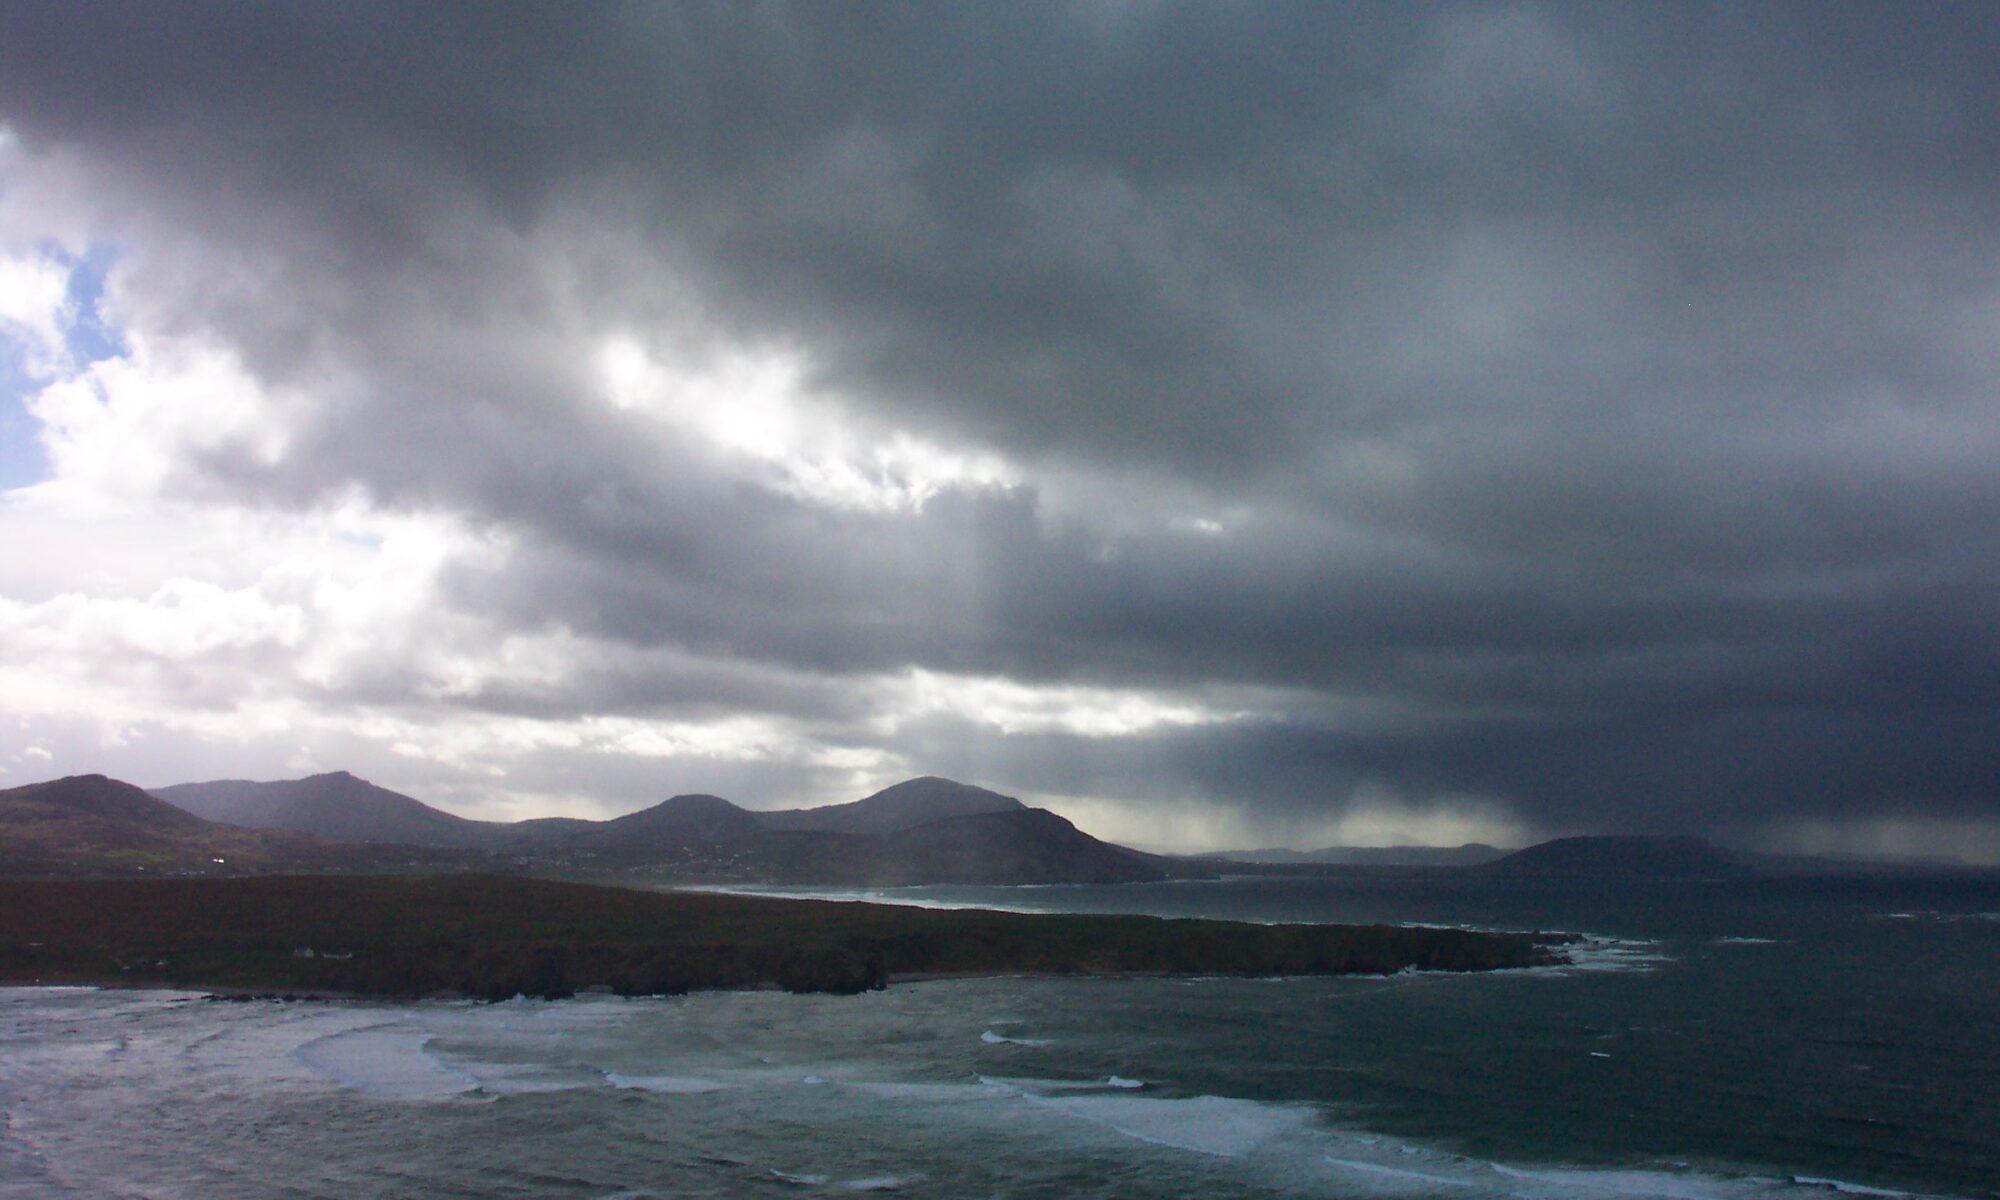 Stormy sea and sky at Malin Head, Ireland